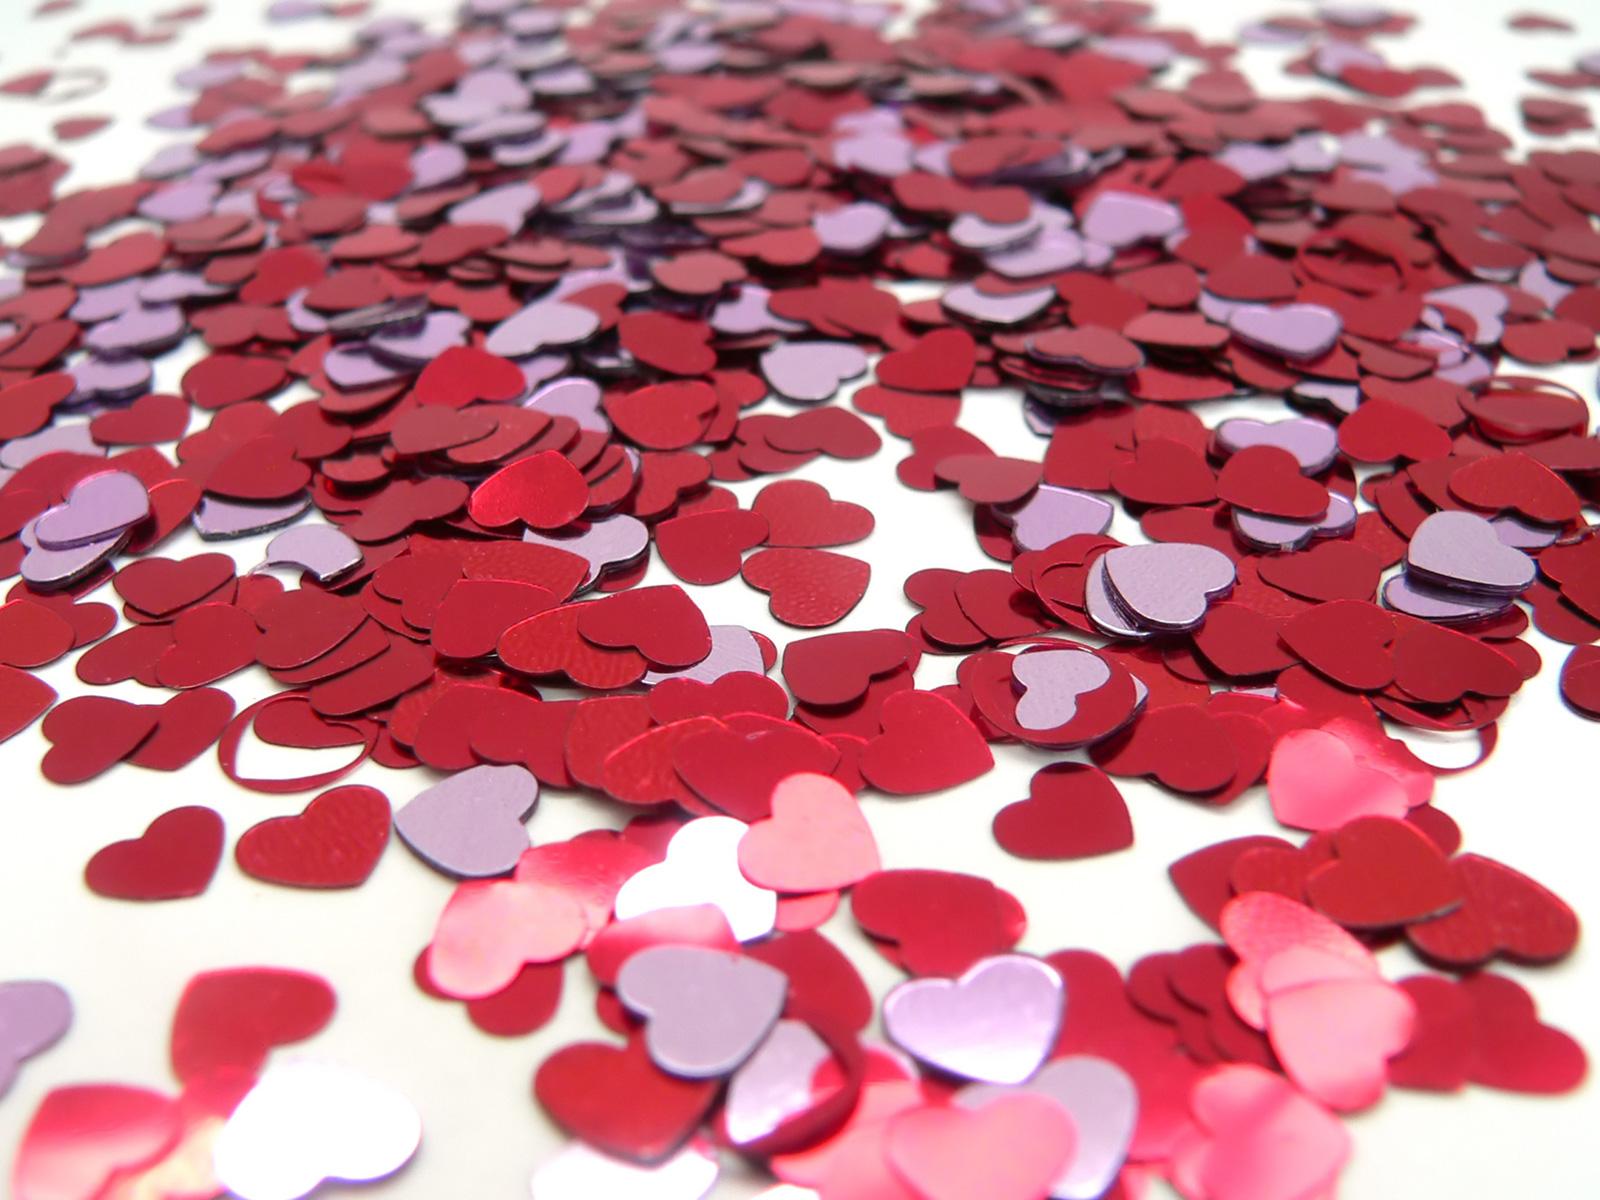 Valentine Heart 1600x1200